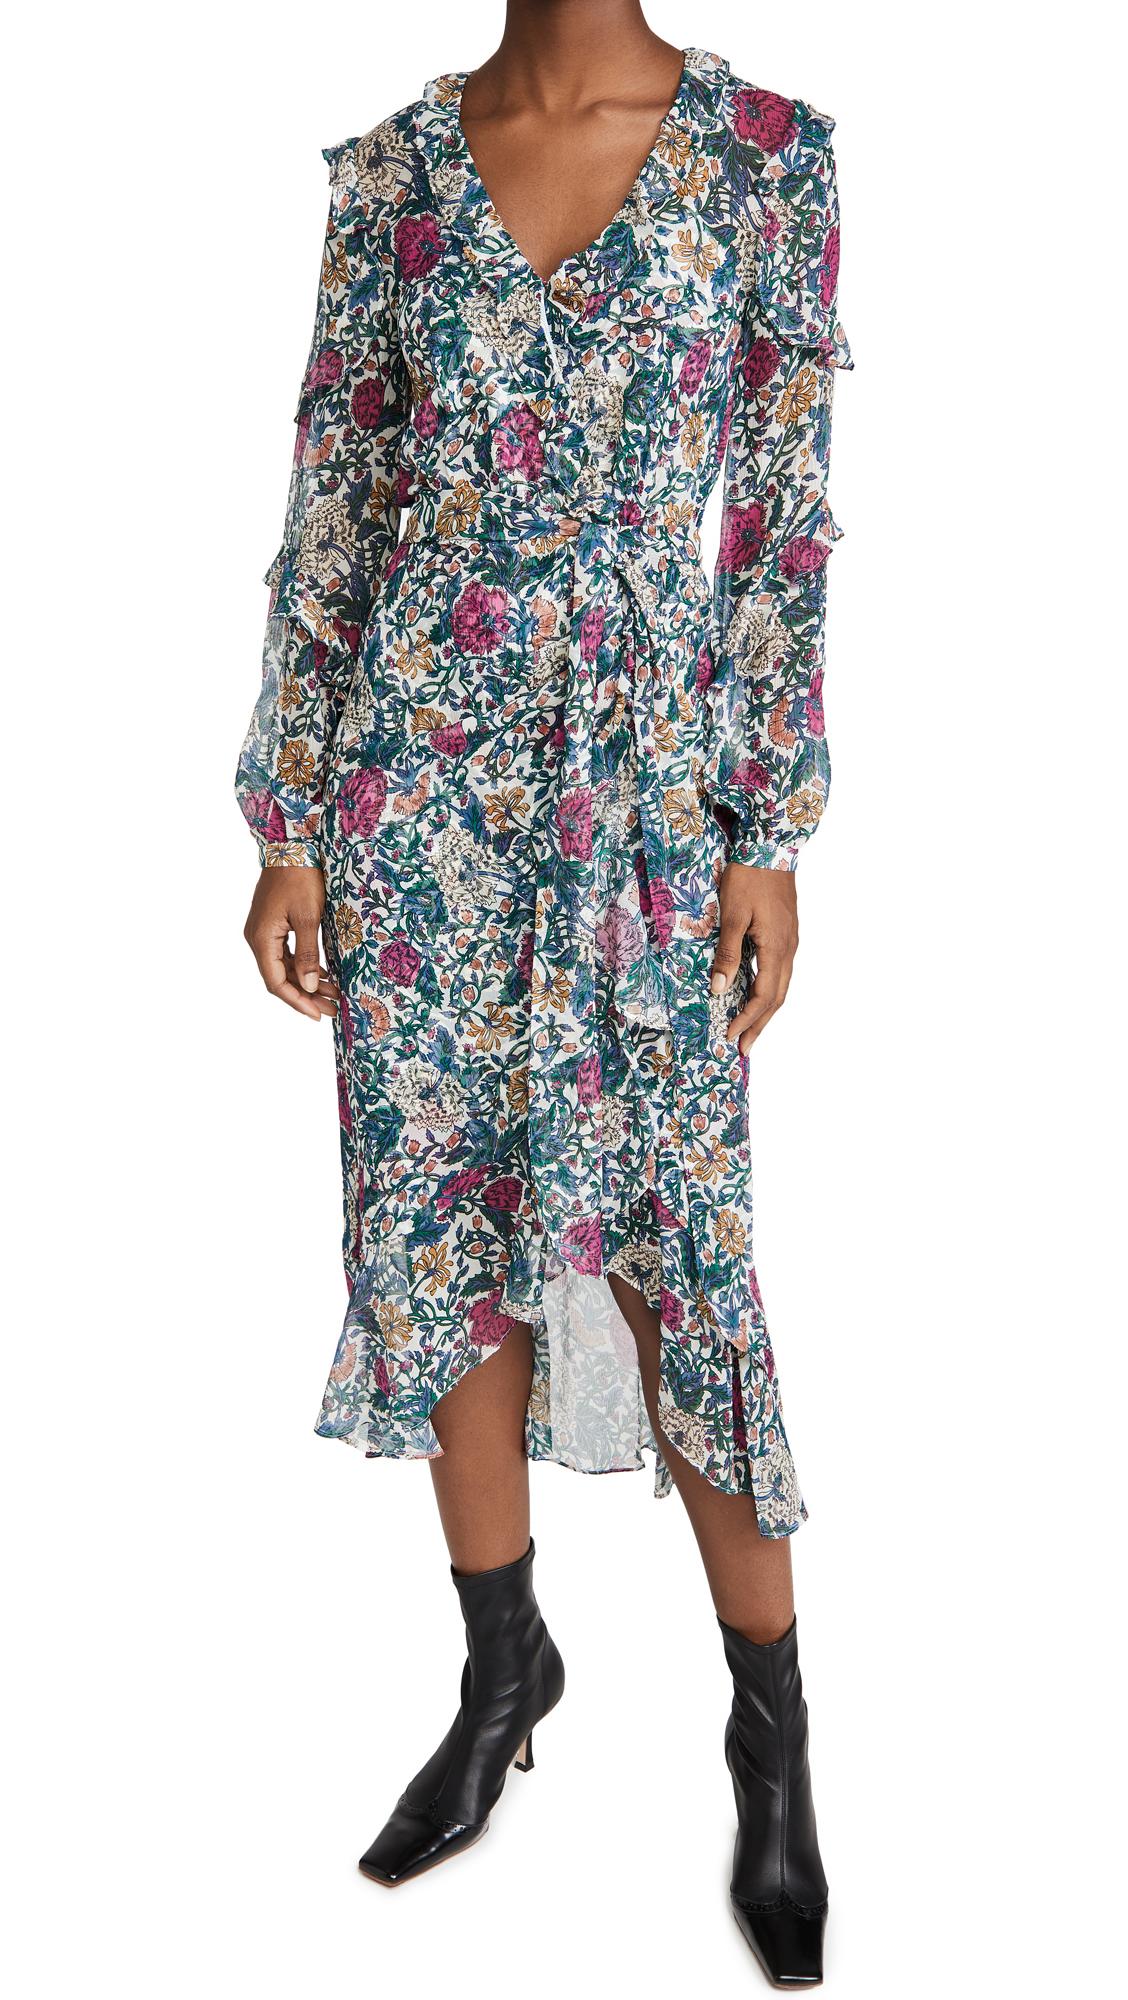 Veronica Beard Anoki Dress